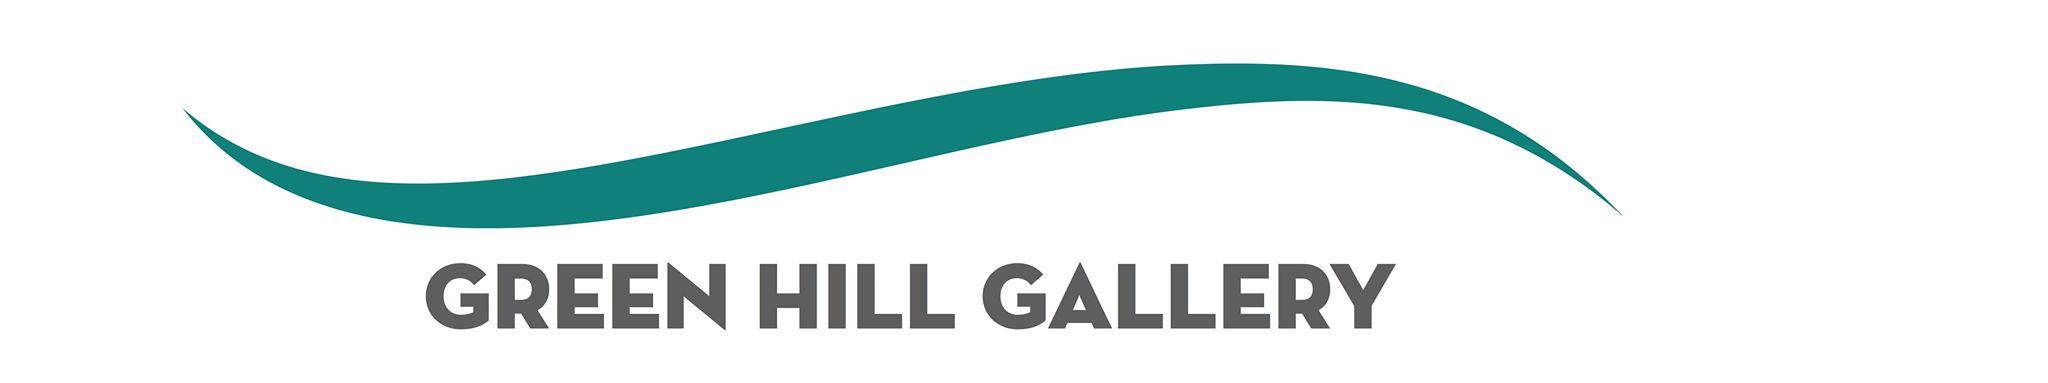 Green Hill Gallery Logo.jpg